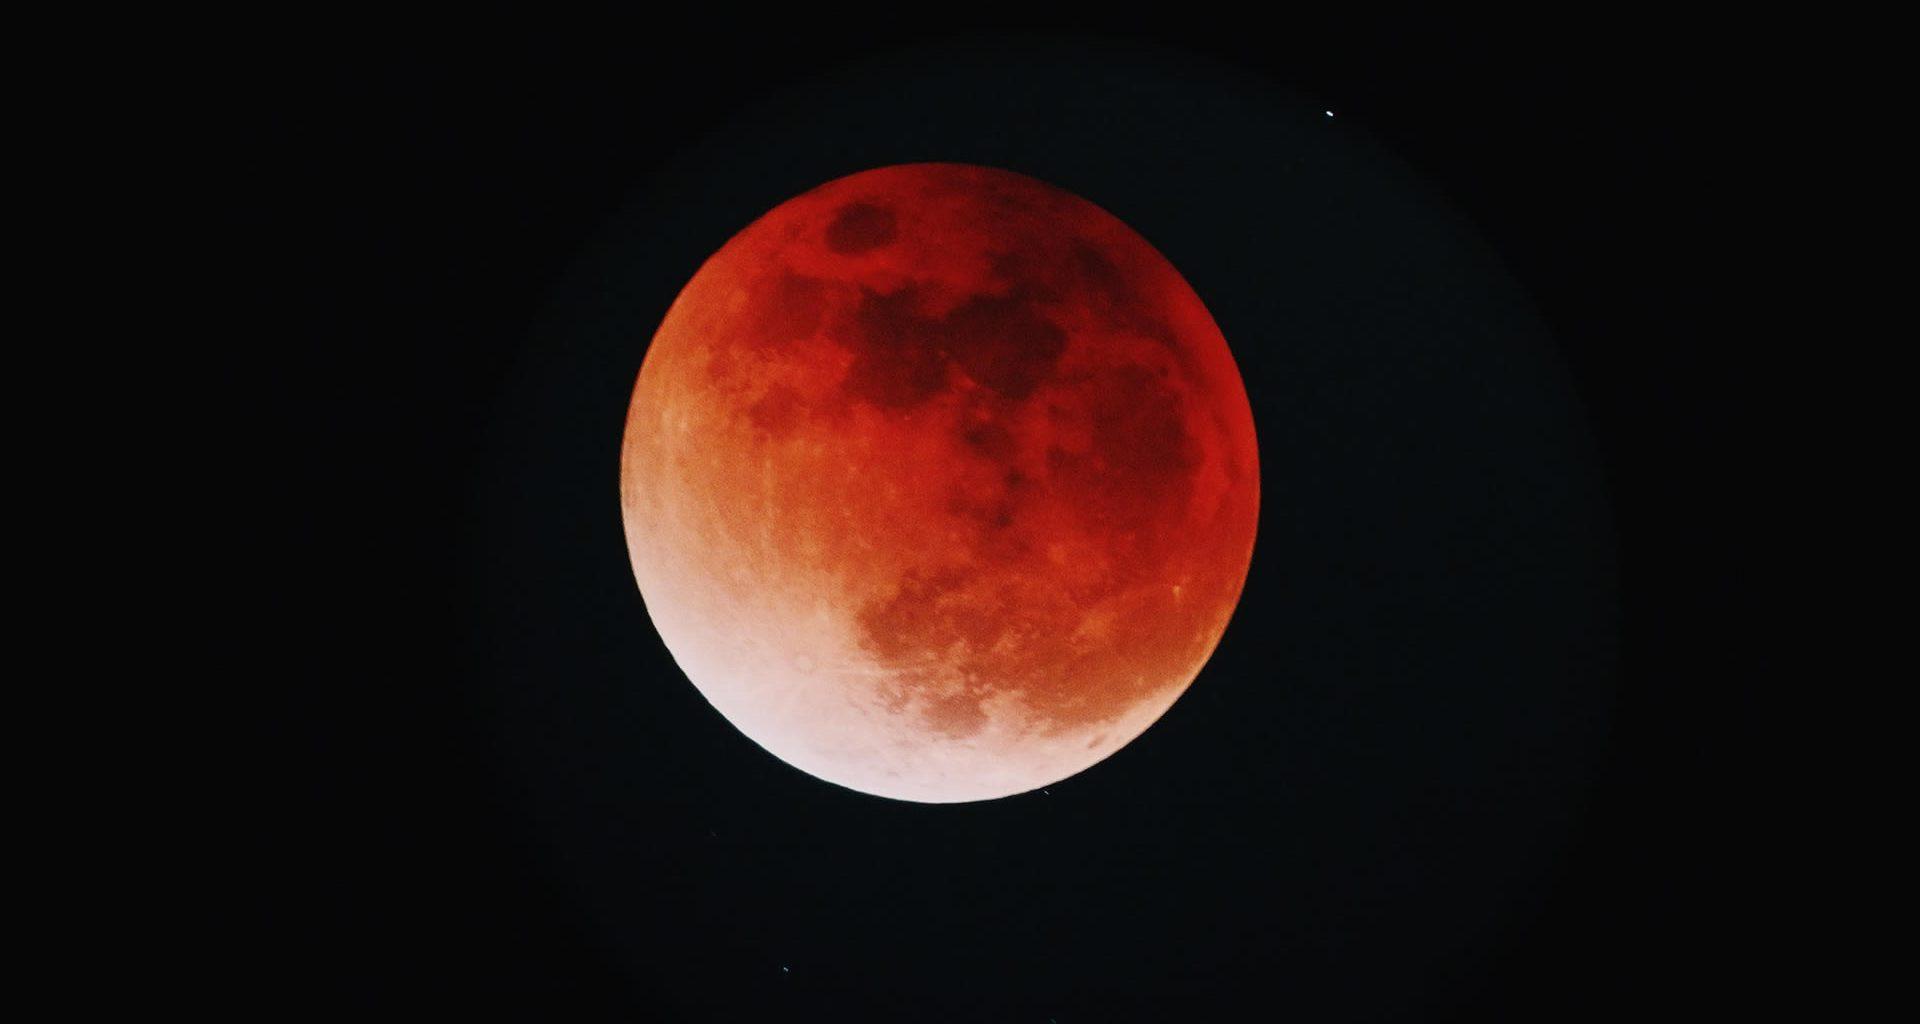 Este lunes: Luna llena y Eclipse Lunar serán visibles en el cielo